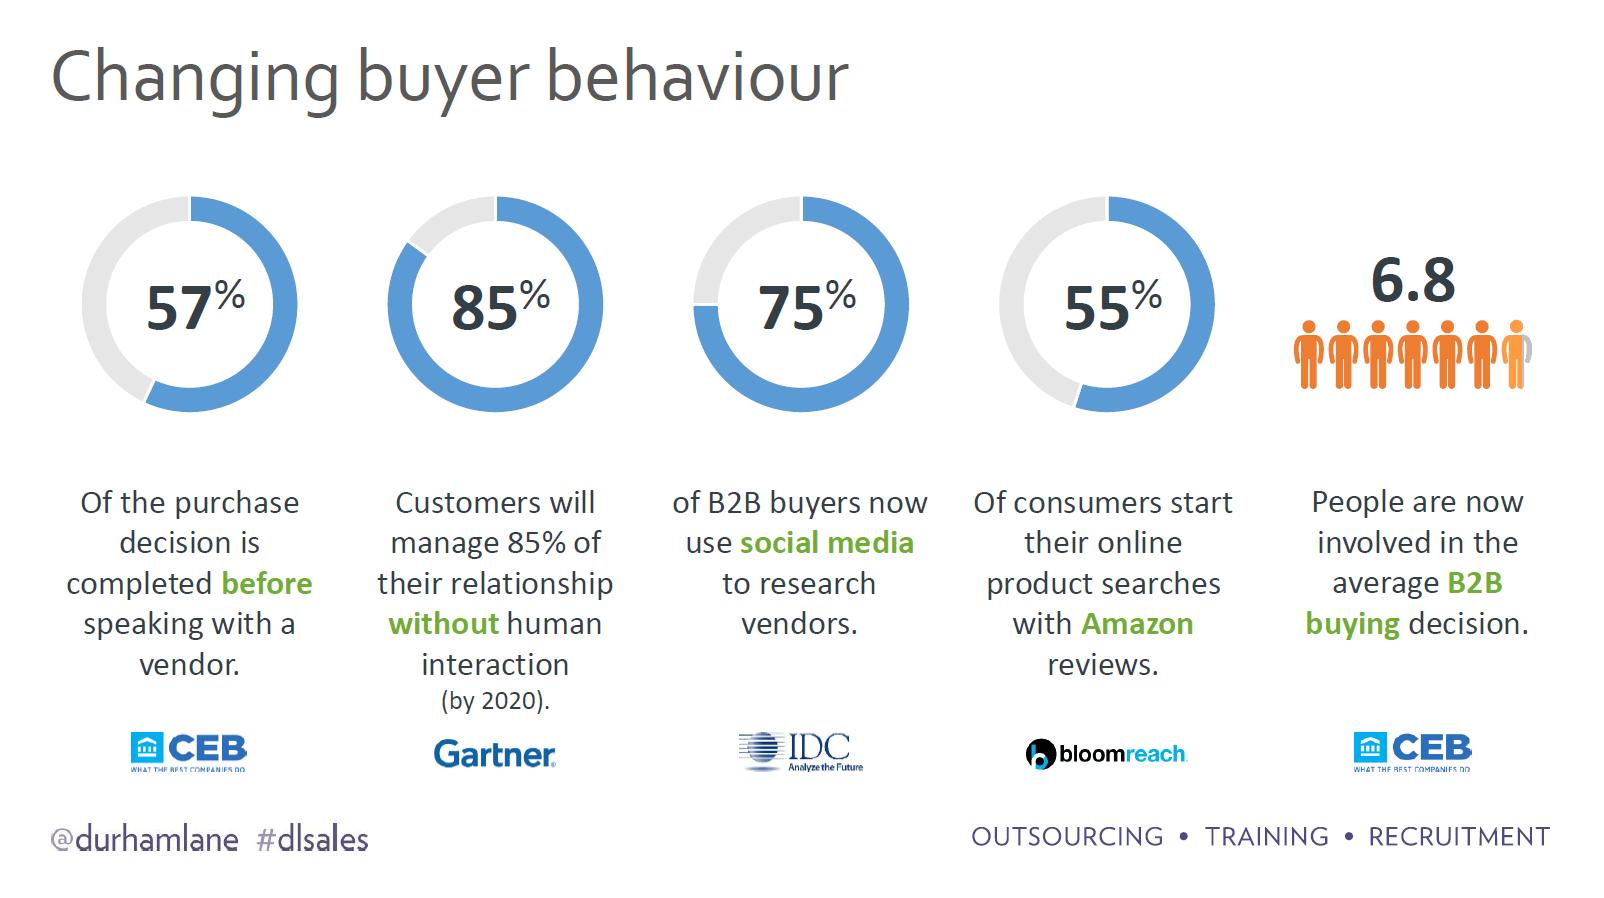 Changing buyer behaviour